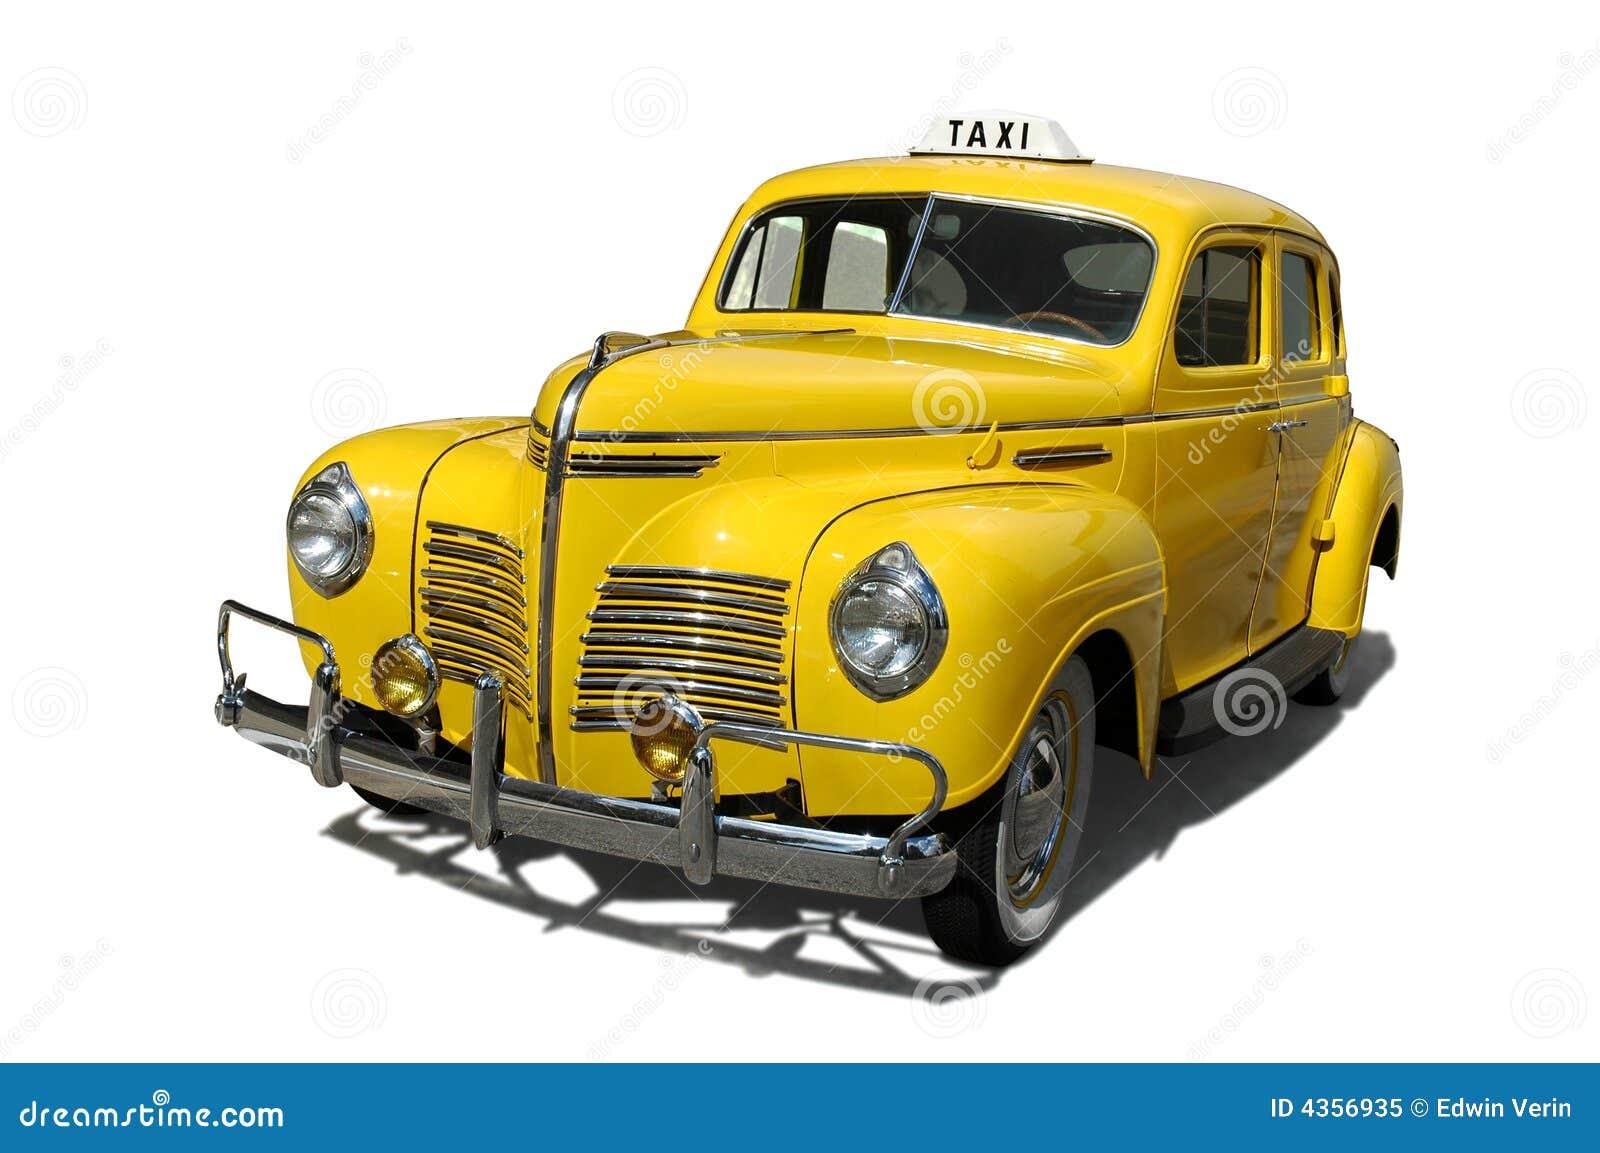 vintage taxi stock image image of steel antique bumper 4356935. Black Bedroom Furniture Sets. Home Design Ideas